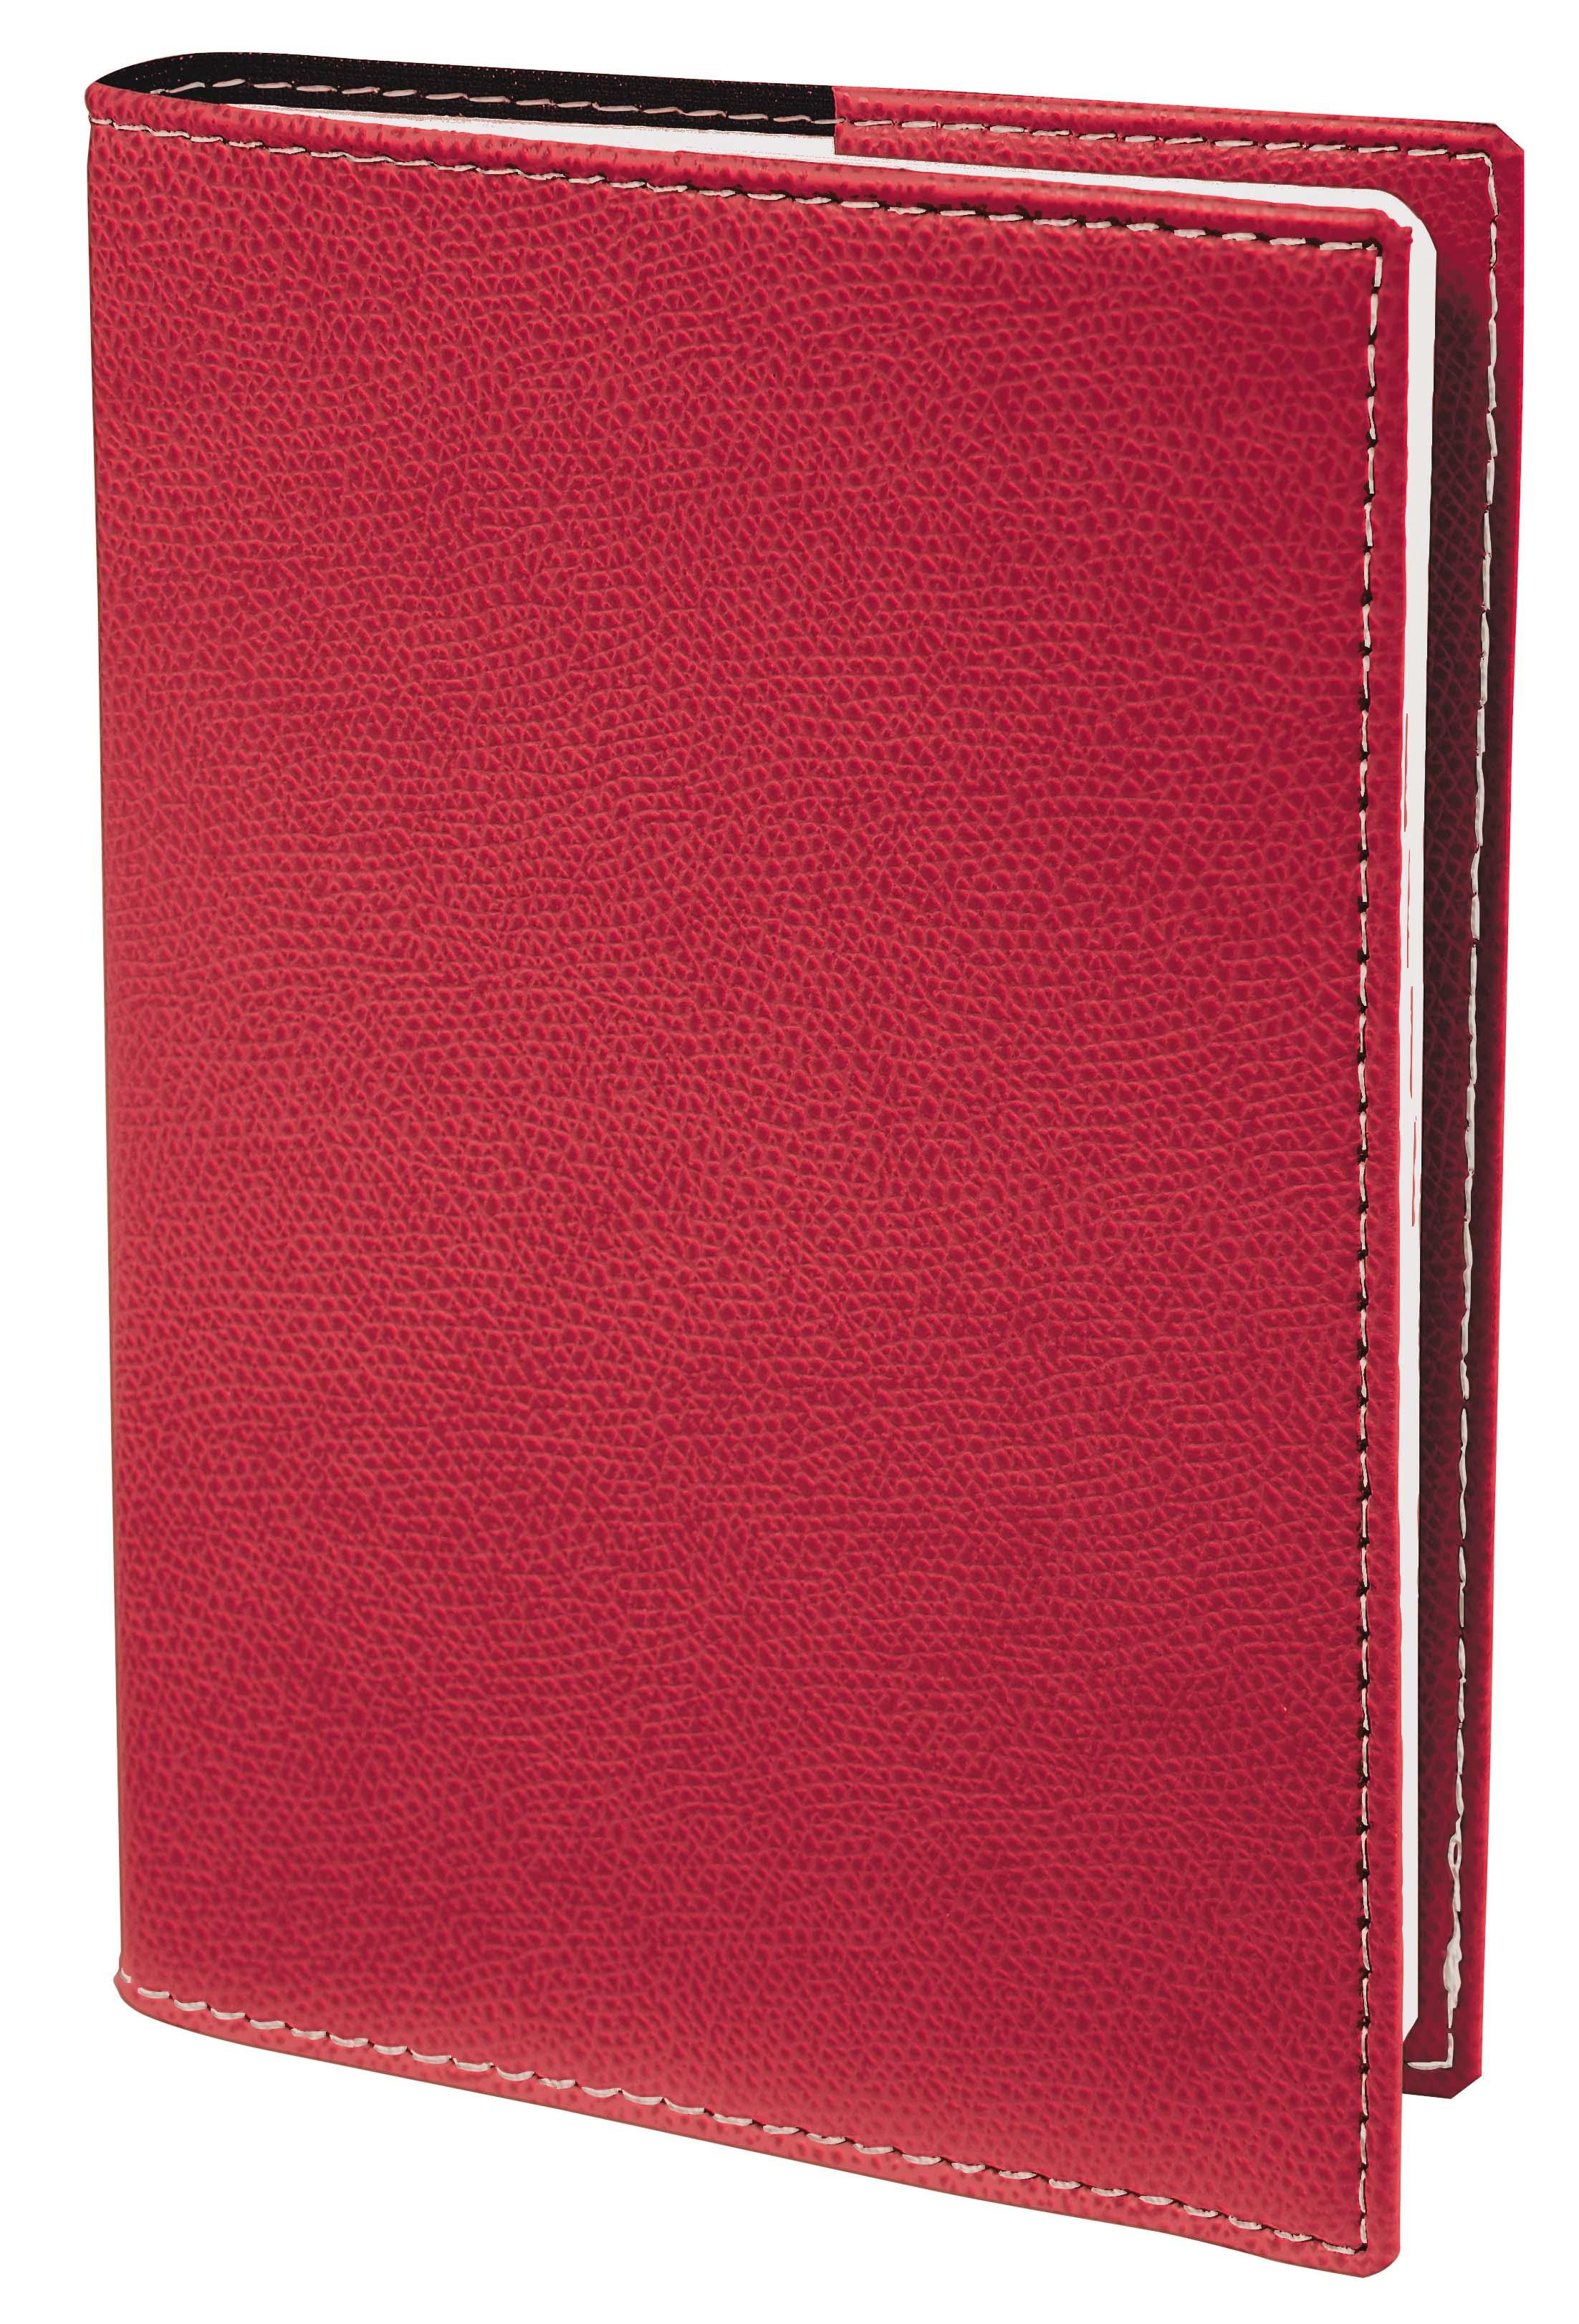 Agenda Club - 1 semaine sur 2 pages - 18 x 24 cm - rouge - Quo Vadis